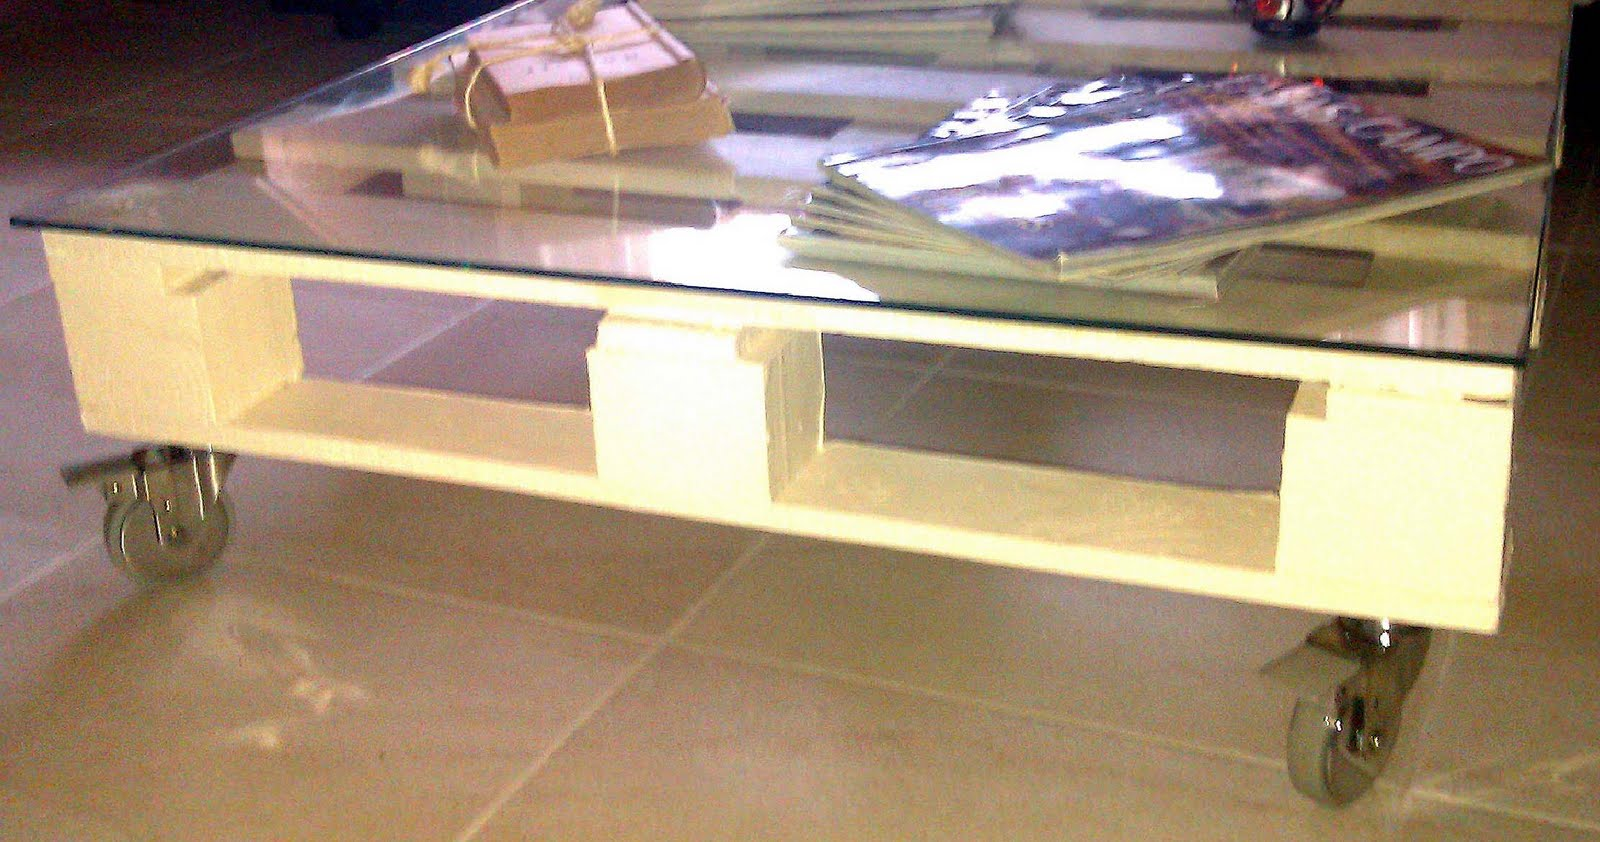 Construccion y manualidades hazlo tu mismo septiembre 2011 for Muebles jardin madera palet